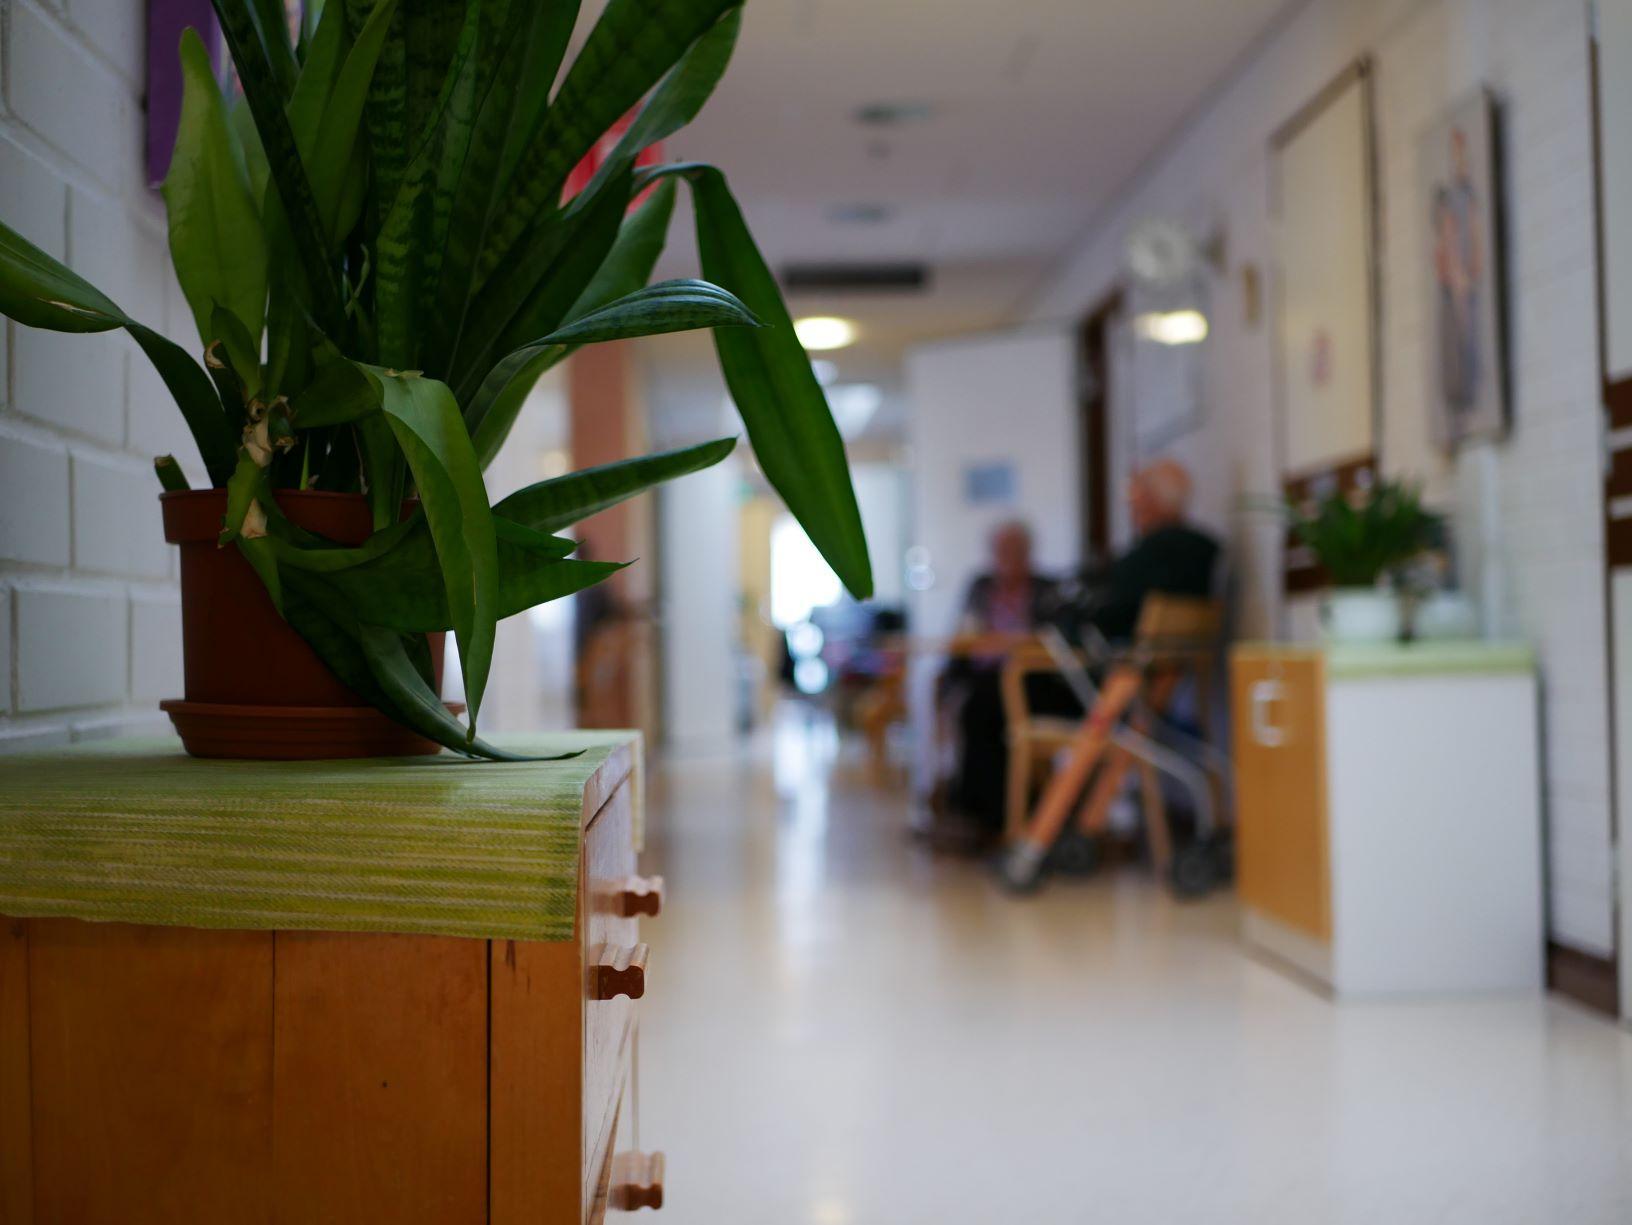 Korridor i älderboende med växt i förgrunden.